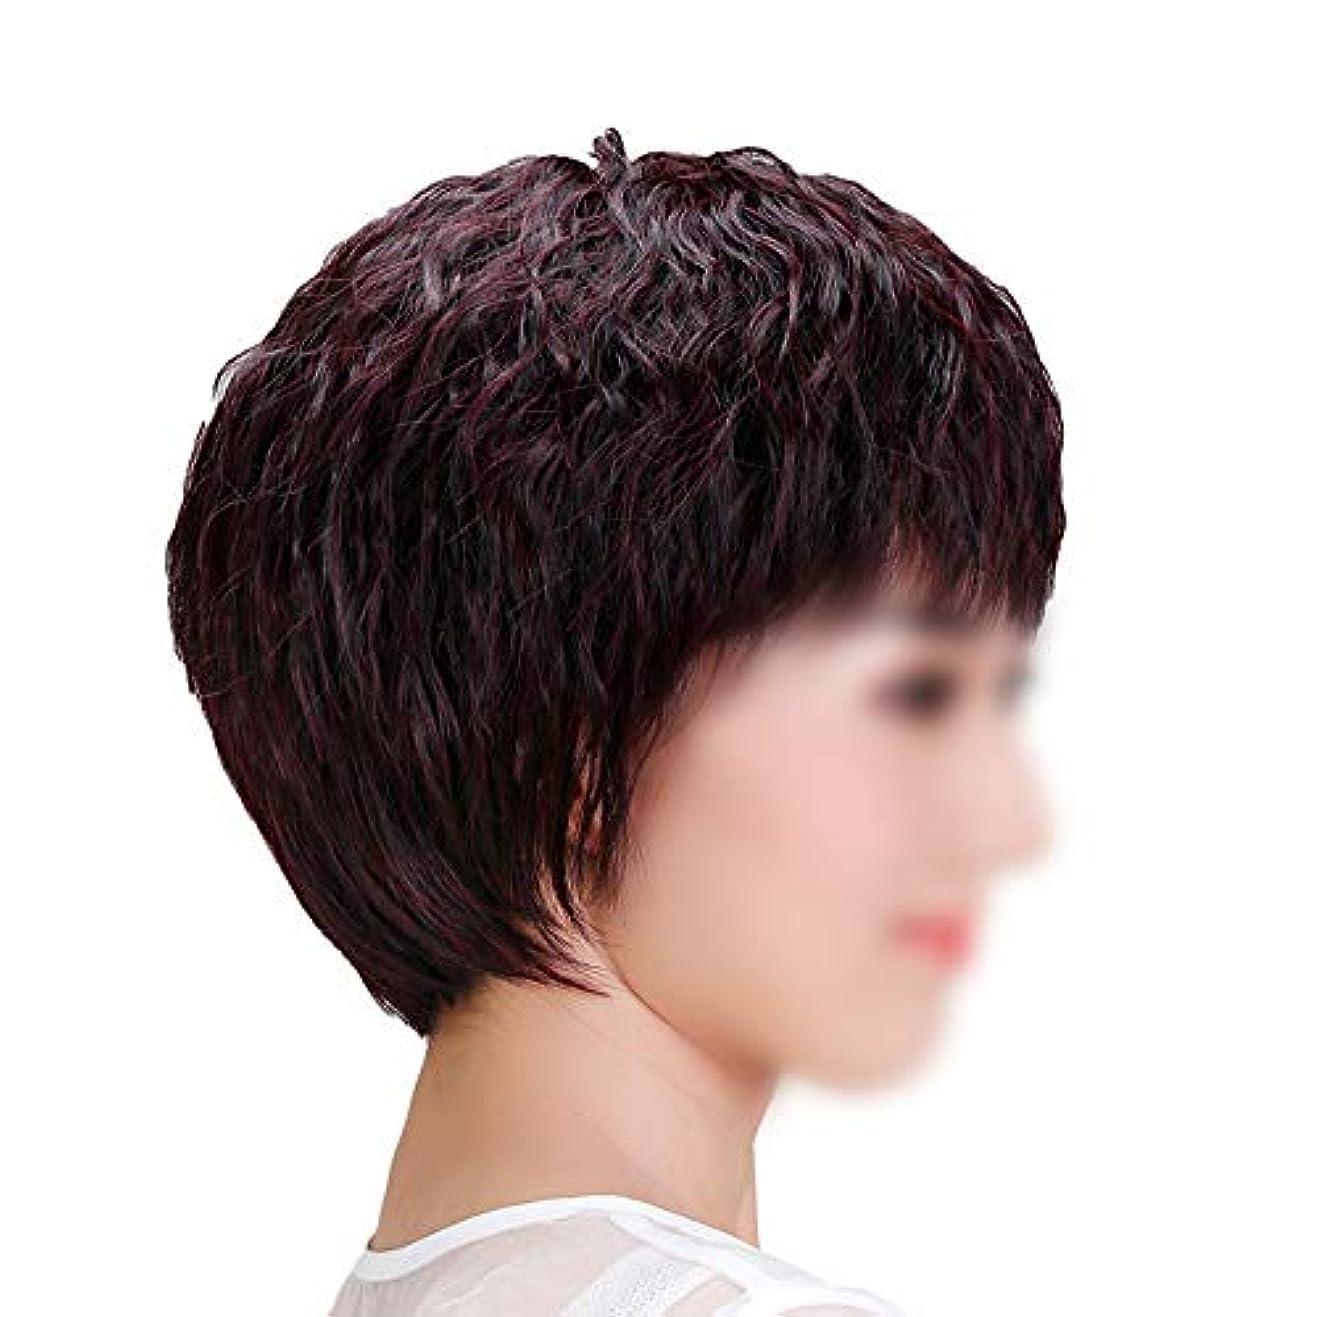 計算販売員ちっちゃいYOUQIU 手織り女子ショートストレートヘアー中年ウィッグ母のギフトウィッグのための自然な人間の髪 (色 : Dark brown, サイズ : Mechanism)